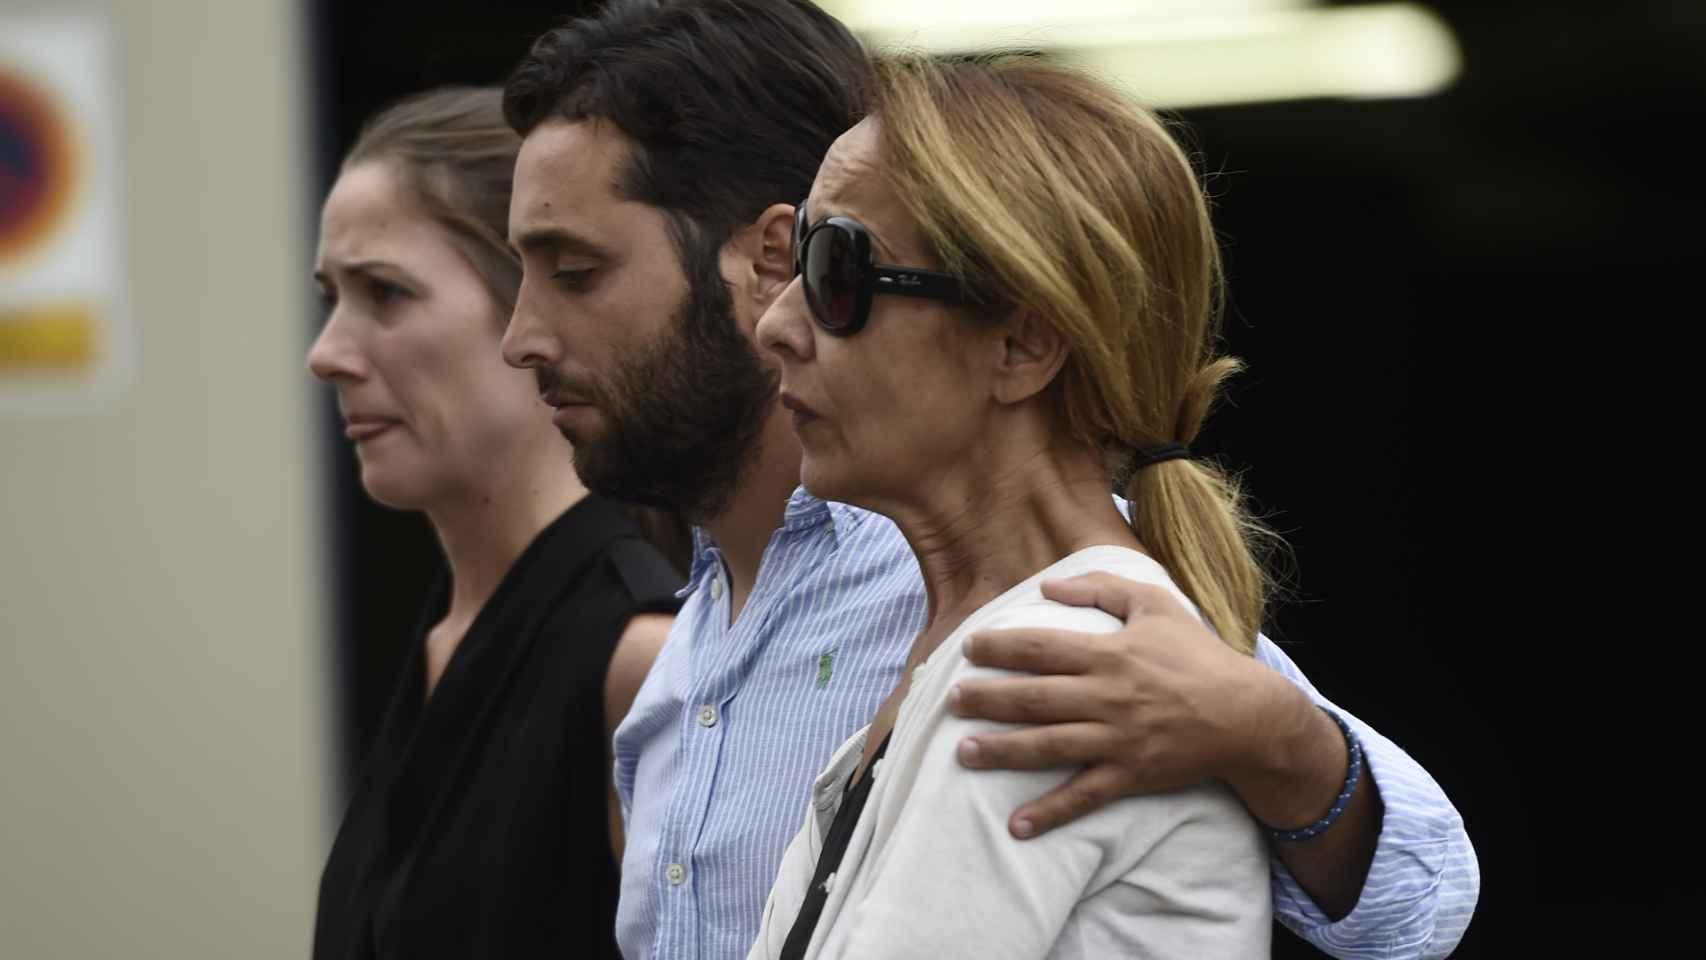 La esposa del diestro, Feli Tarruella, llega al tanatorio.